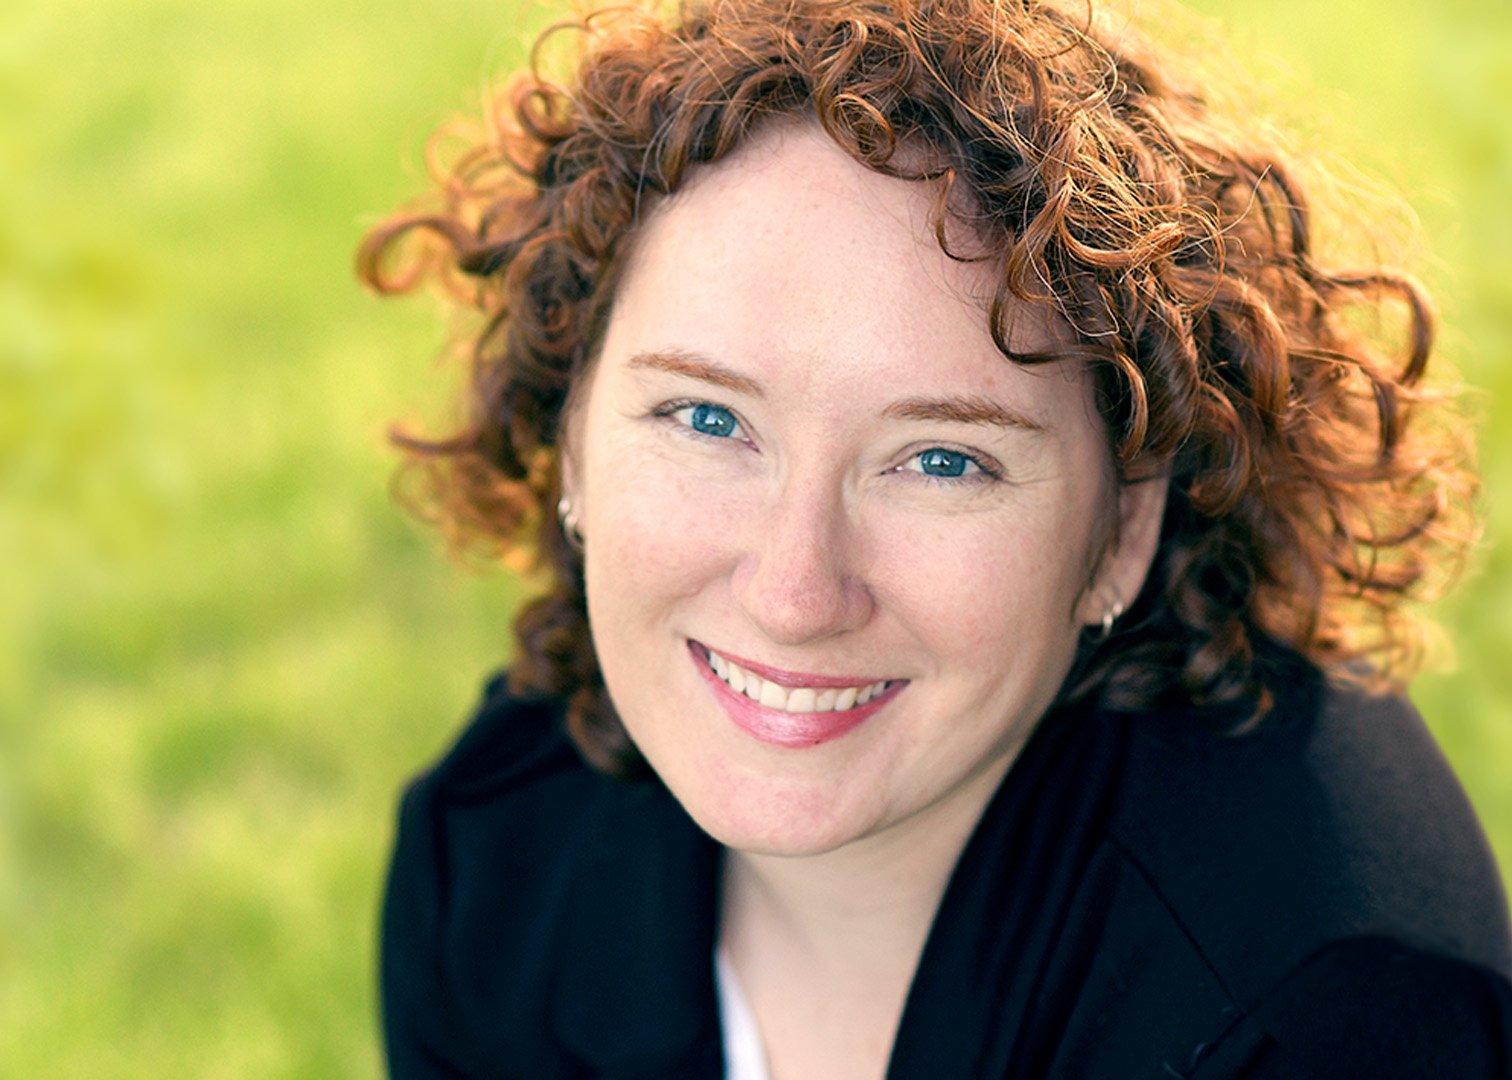 Zoe Douglas Development Manager, Data Science Expert, Blueprint Technologies